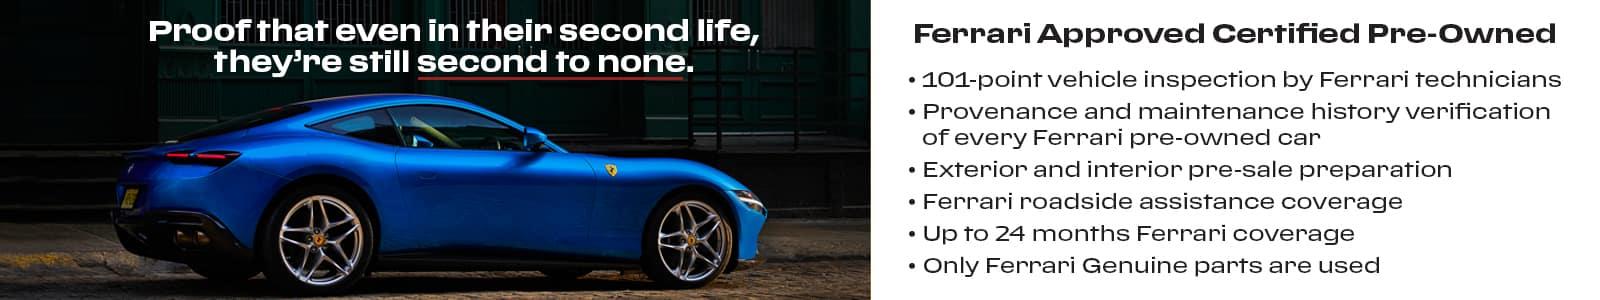 Ferrari Approved CPO